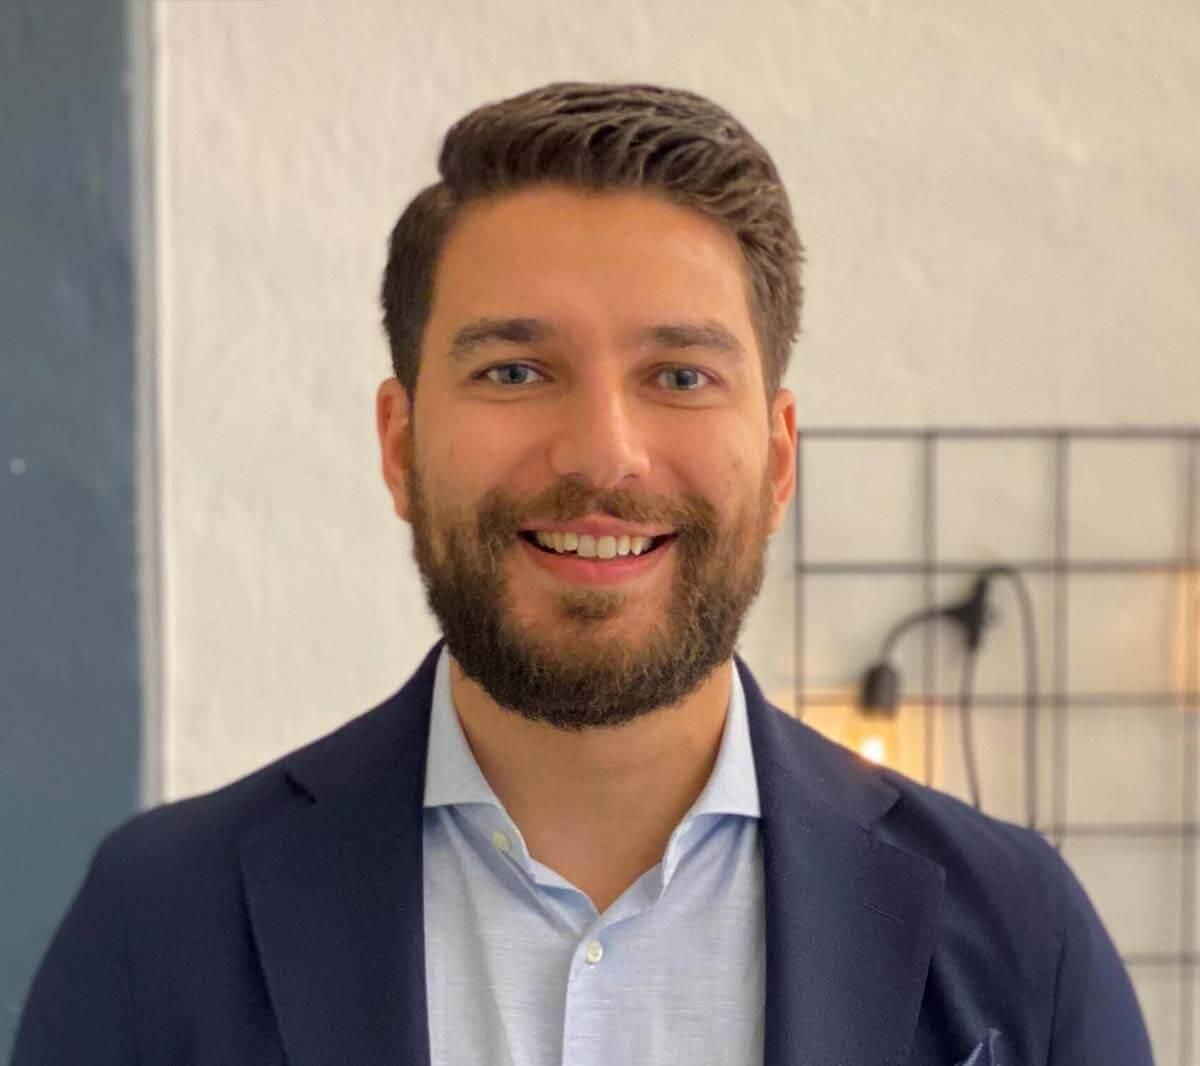 Daniel Ryan Olsen